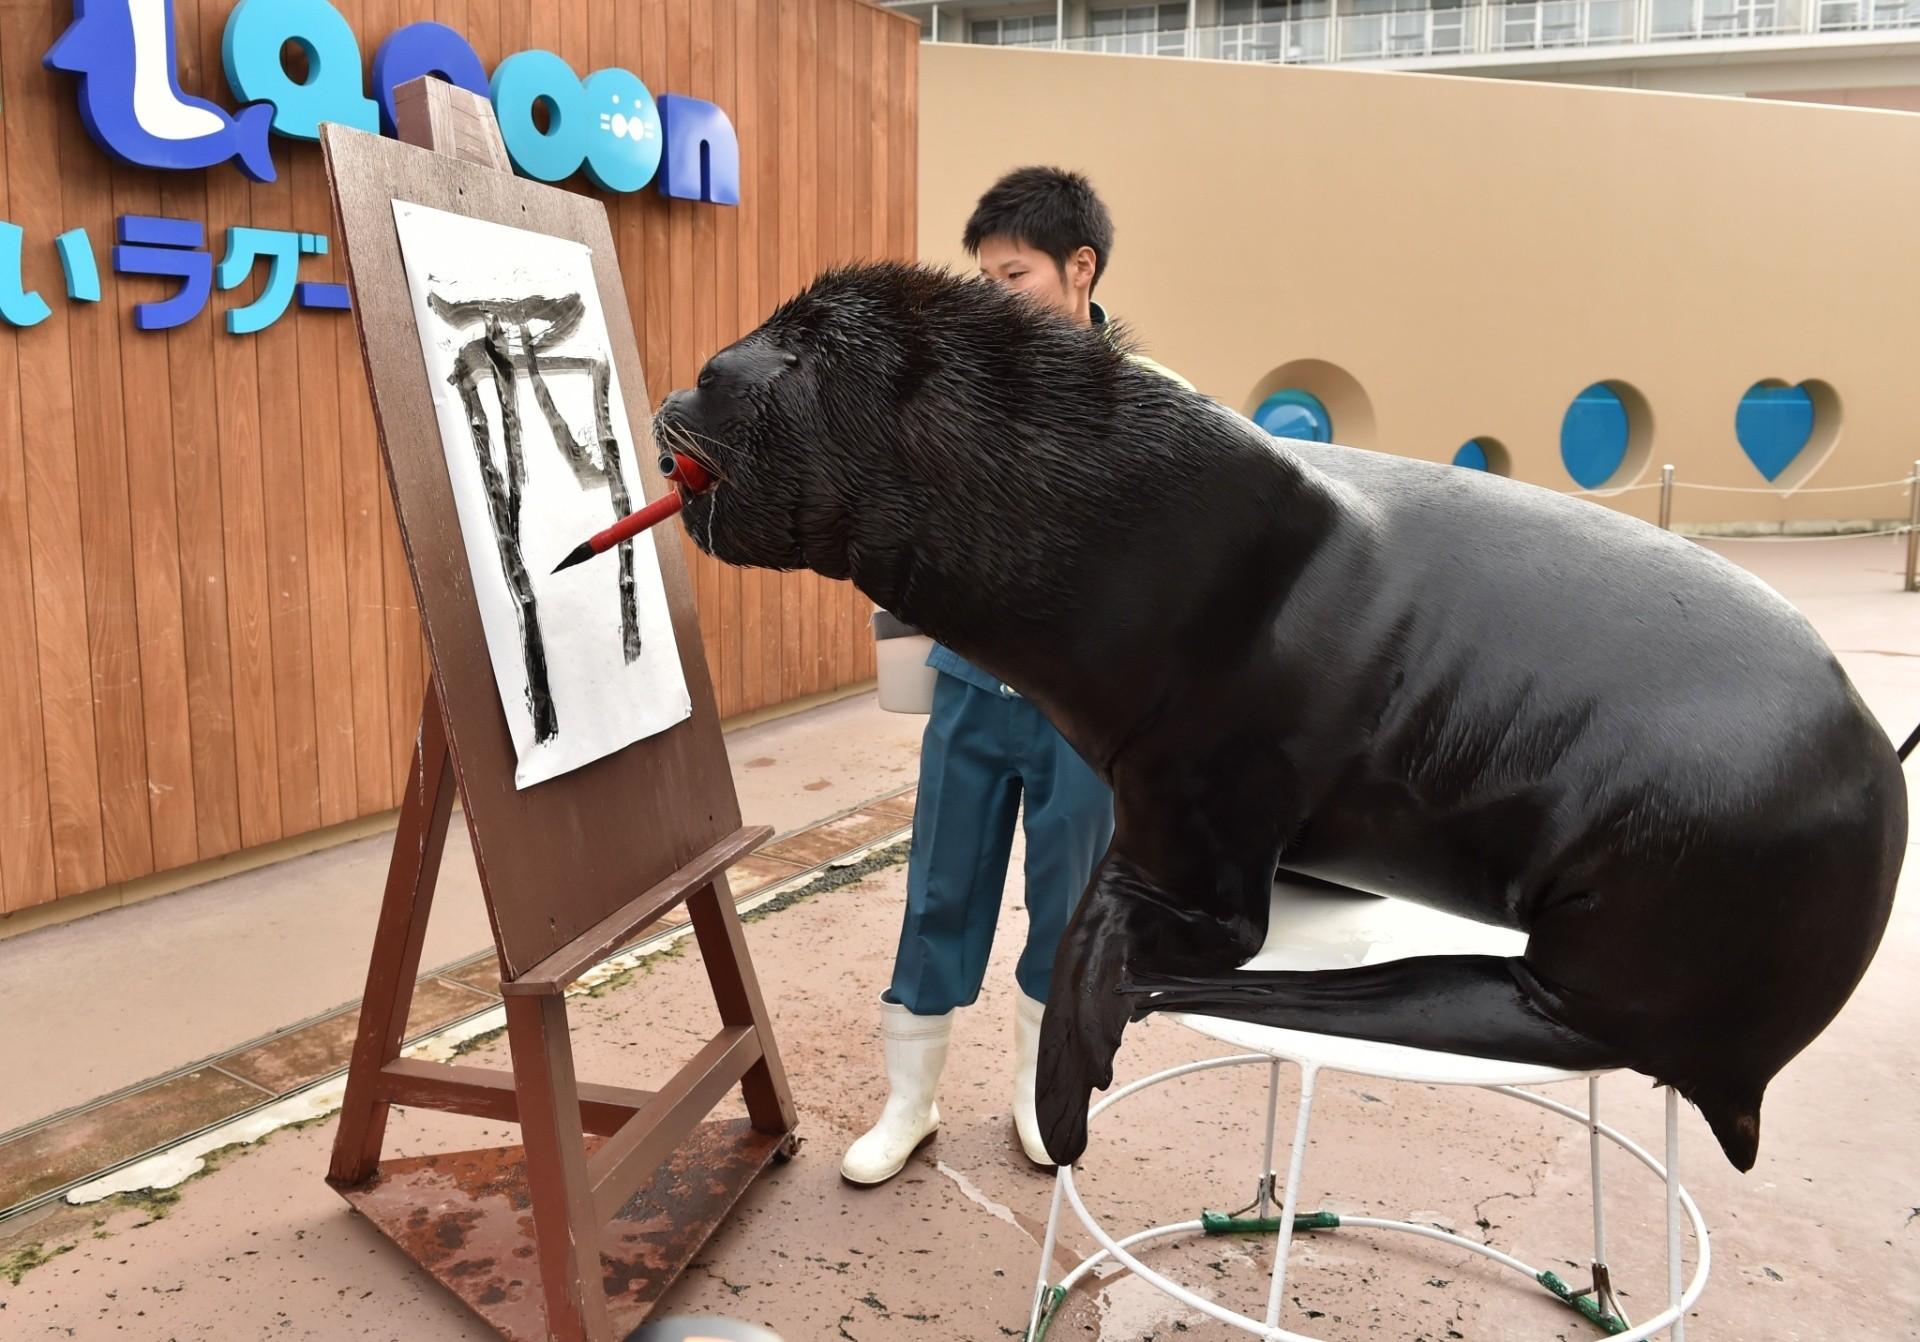 26dez2016 o leao marinho leo de 14 anos participa de uma sessao de treinamento de caligrafia para aprender a escrever galo no aquario hakkeijima sea paradise em yokohama toquio baseado no 1920x1342